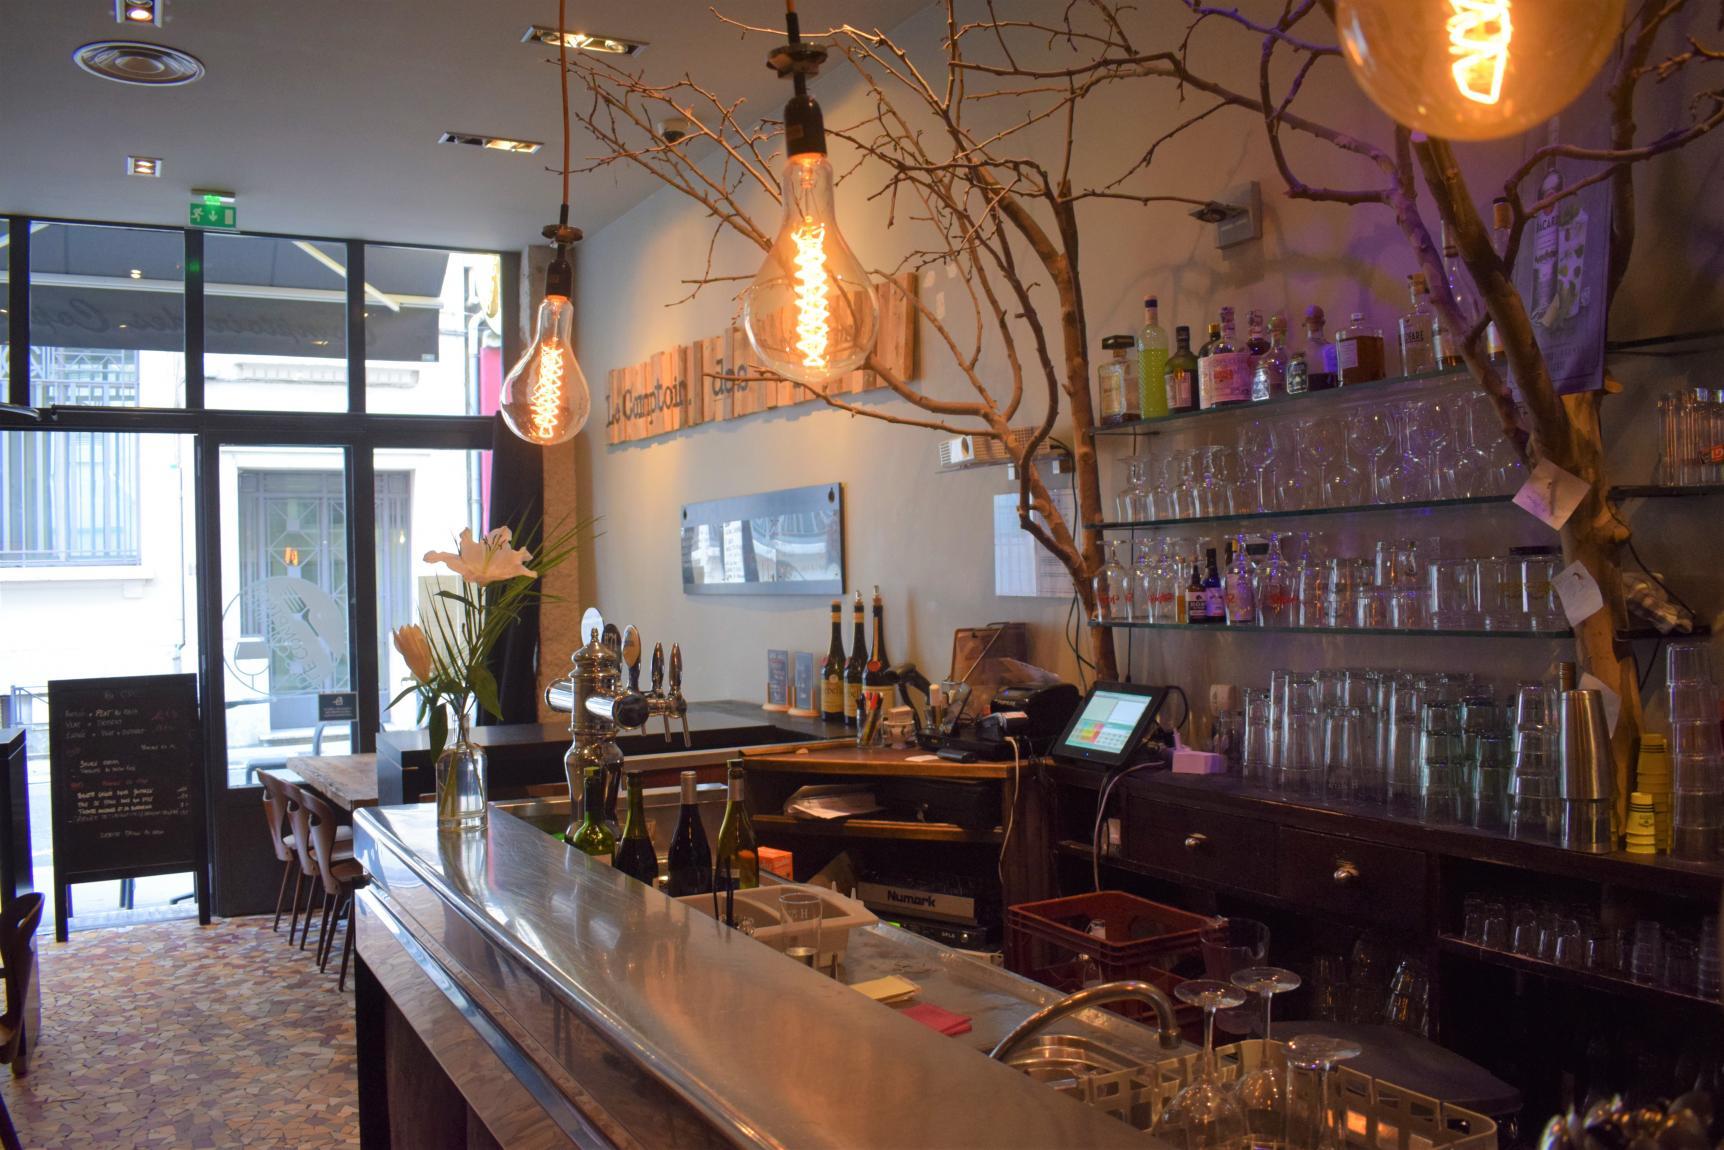 Le comptoir des copains bar vin bar coktails bar - Le comptoir des familles soldes ...